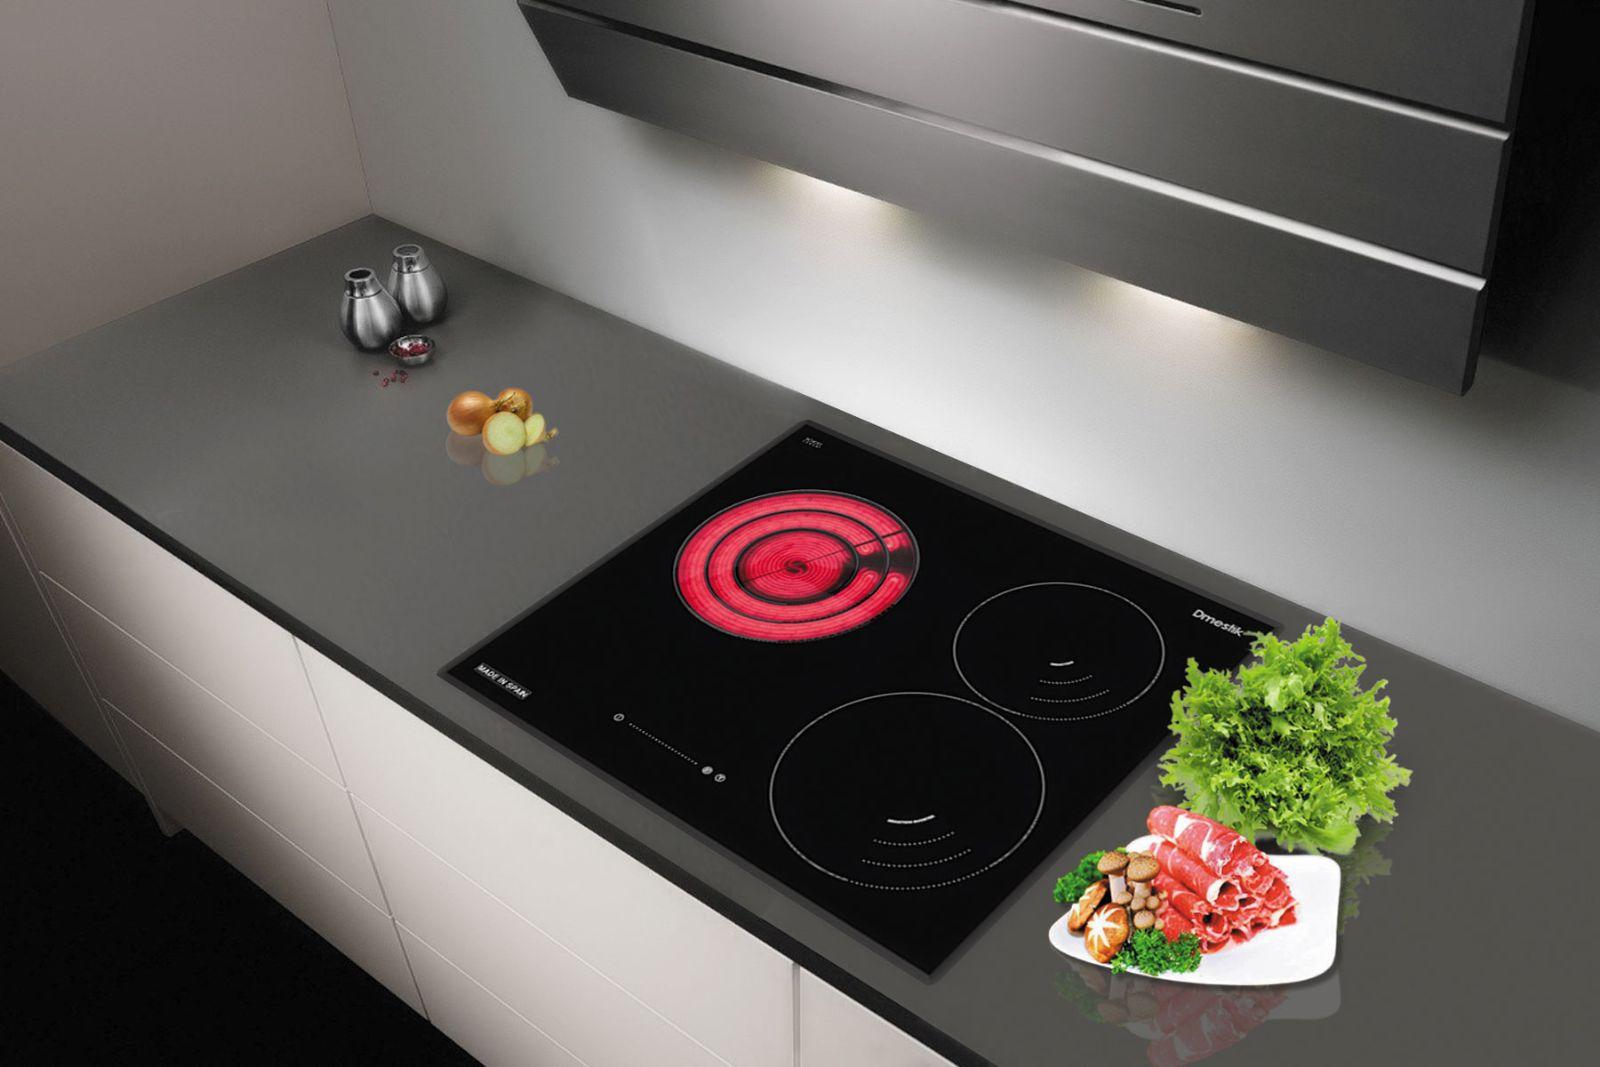 Vị thế của bếp điện từ hiện nay trên thị trường